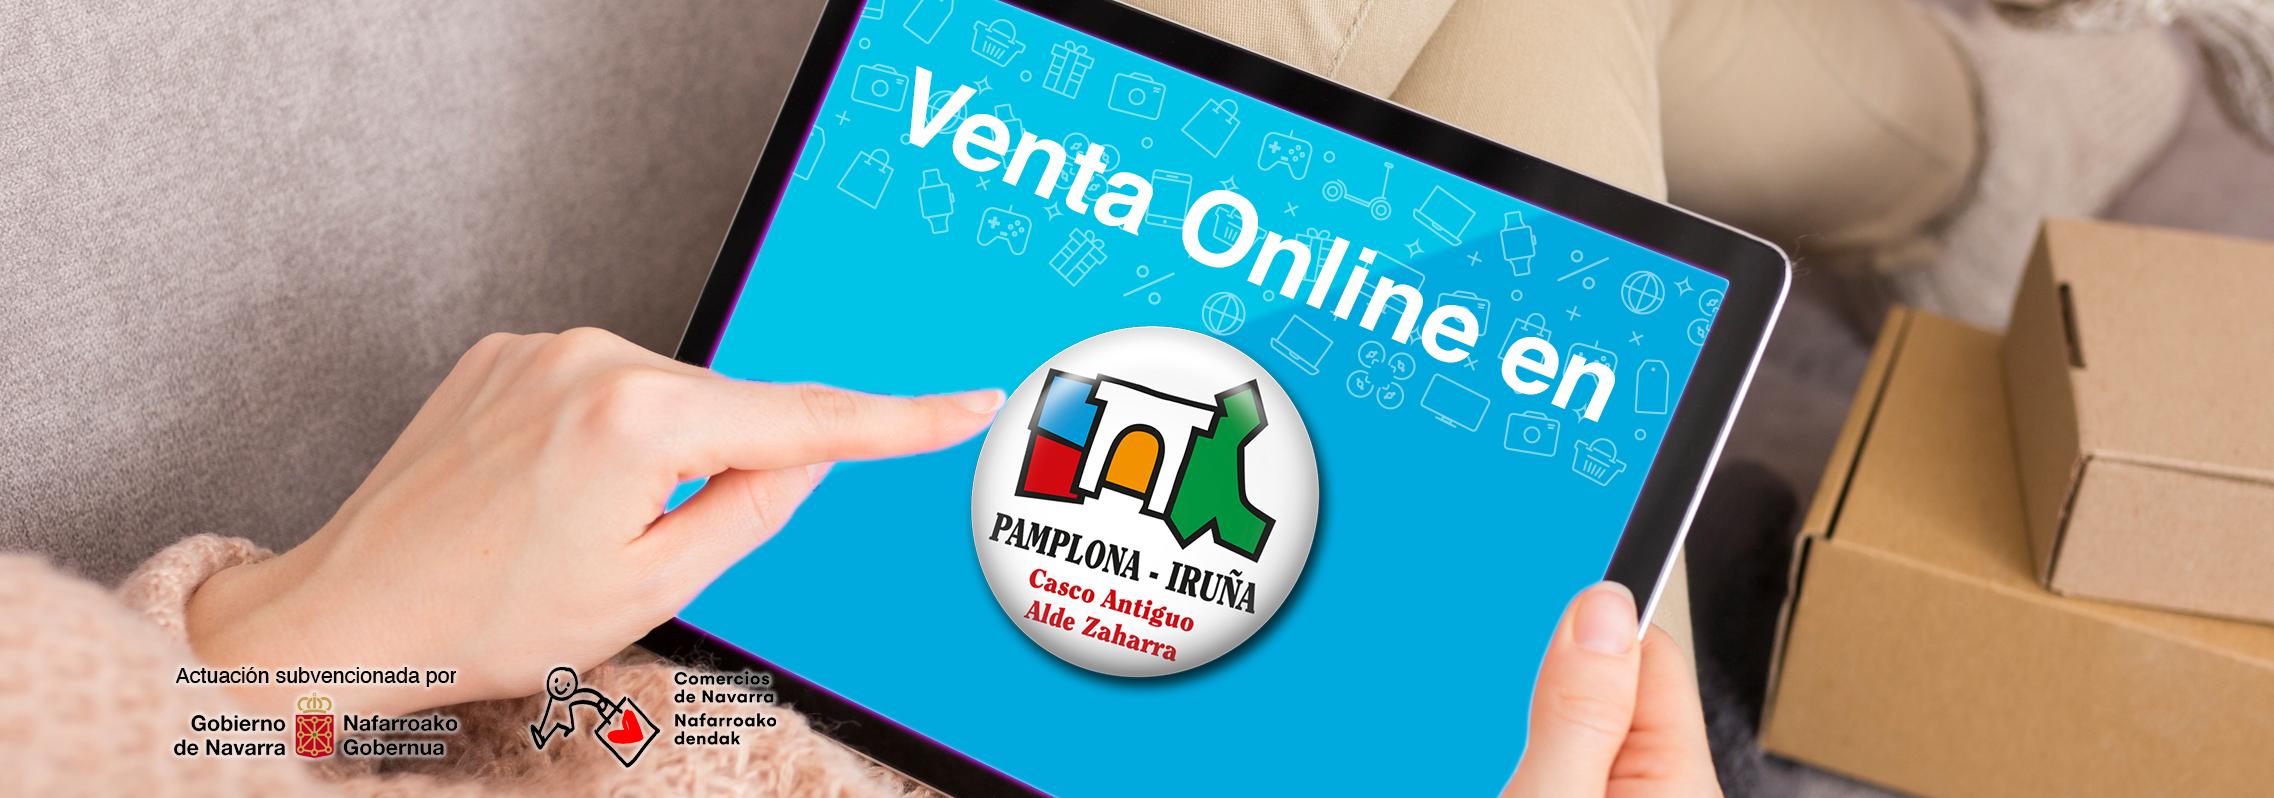 Comercios con Venta Online